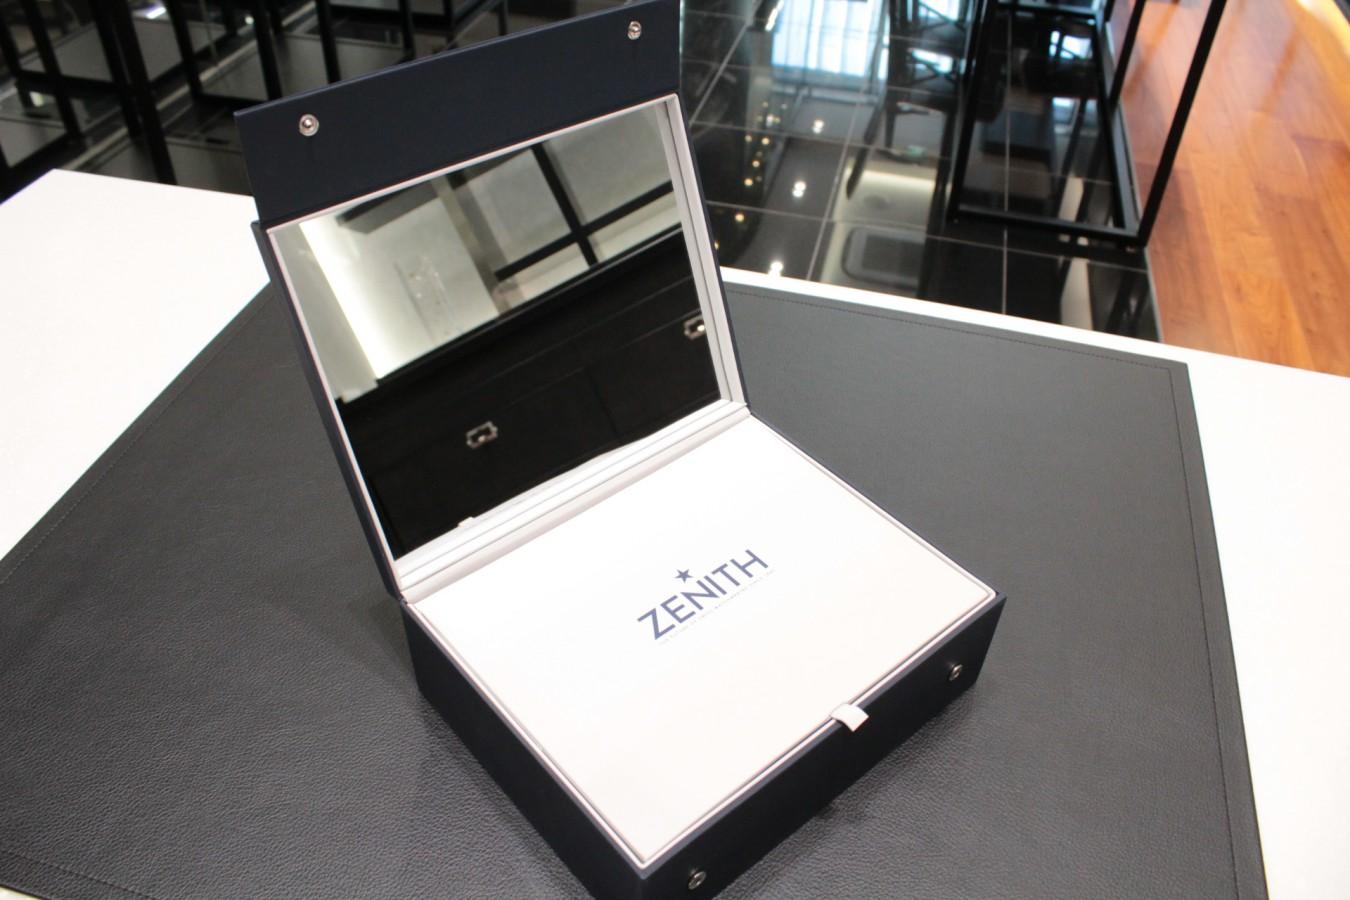 ゼニスの2020年新作レディースモデル「デファイ ミッドナイト」が入荷! - DEFY  IMG_4619